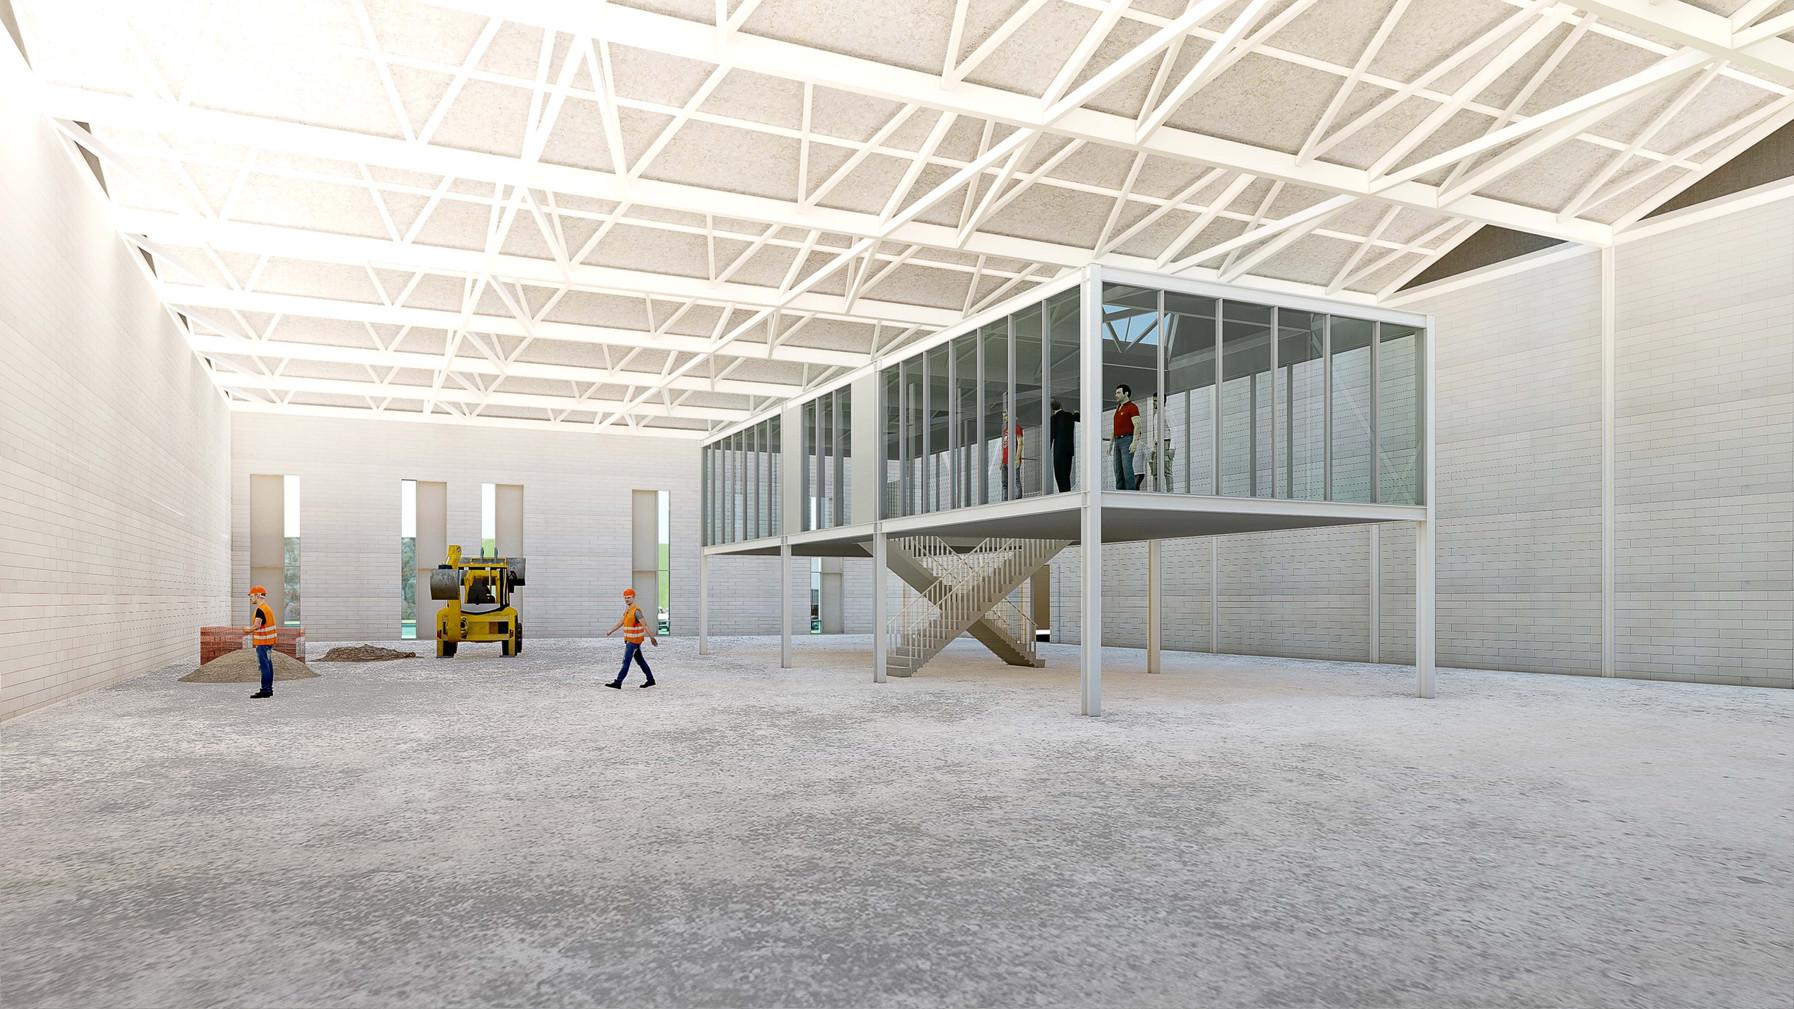 09 - Workshop Building.jpg